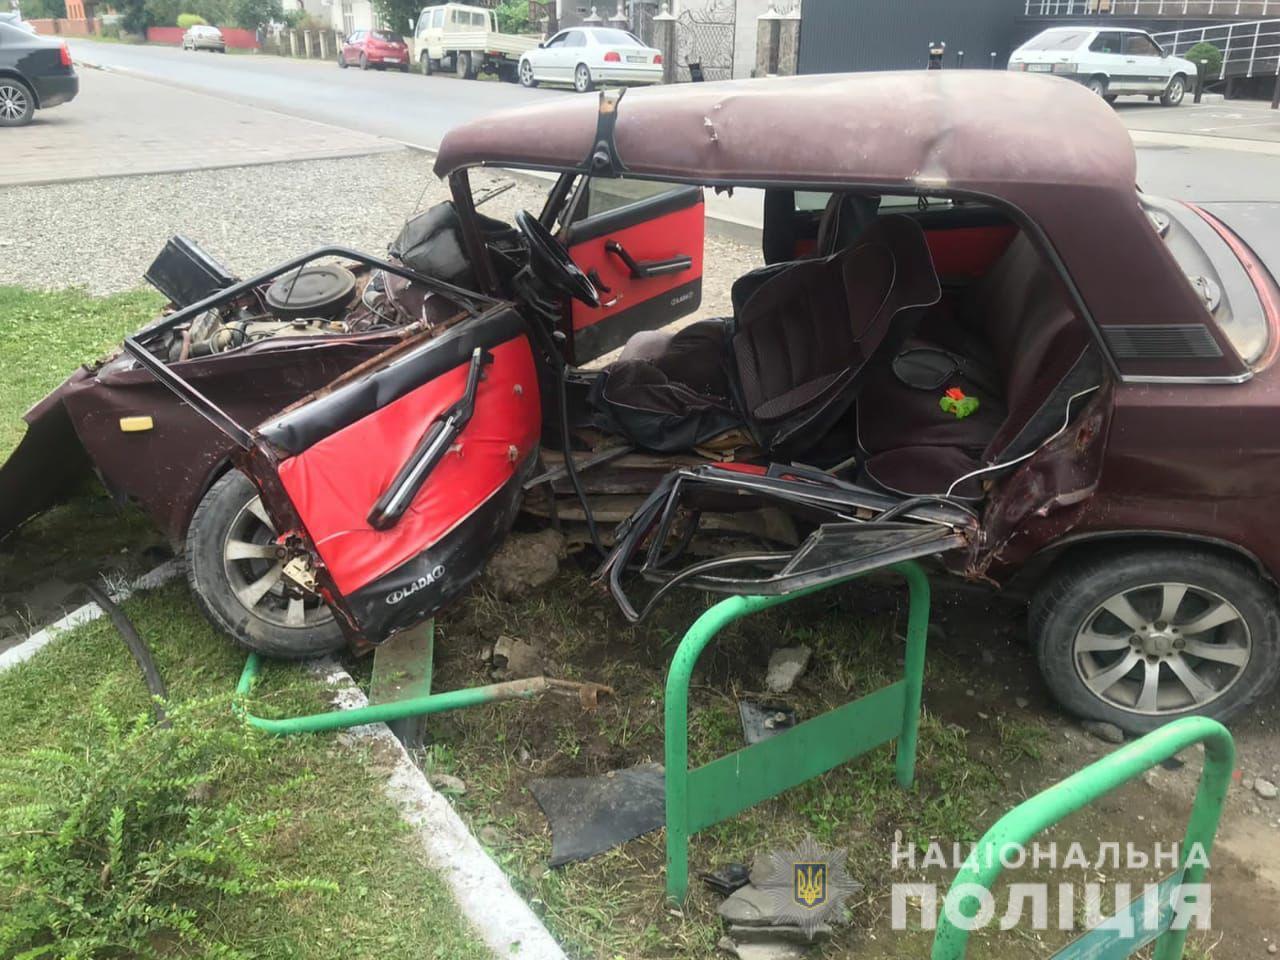 Страхітлива аварія на Закарпатті: чоловік загинув, а 6-річна дитина-пасажир вижила